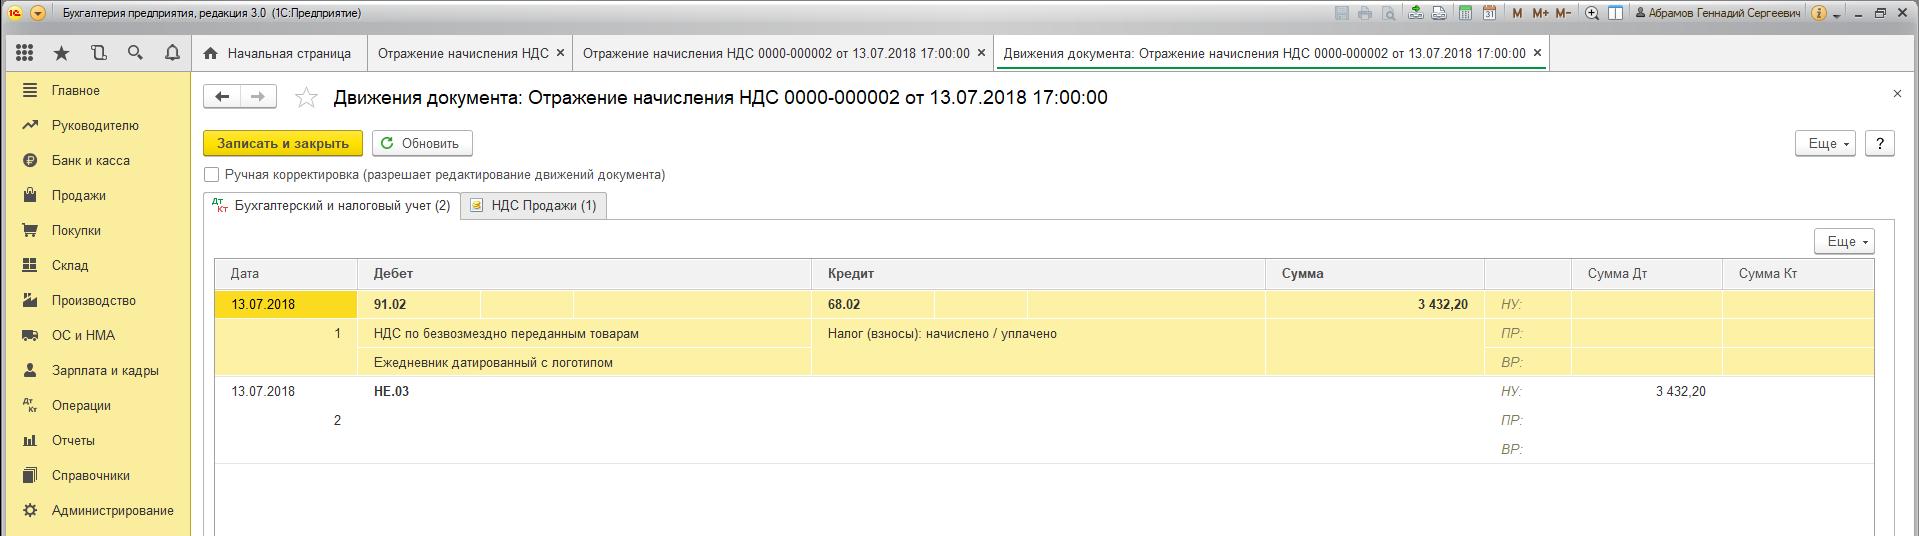 Рис.10 В результате проведения в регистре бухгалтерского учета формируется запись